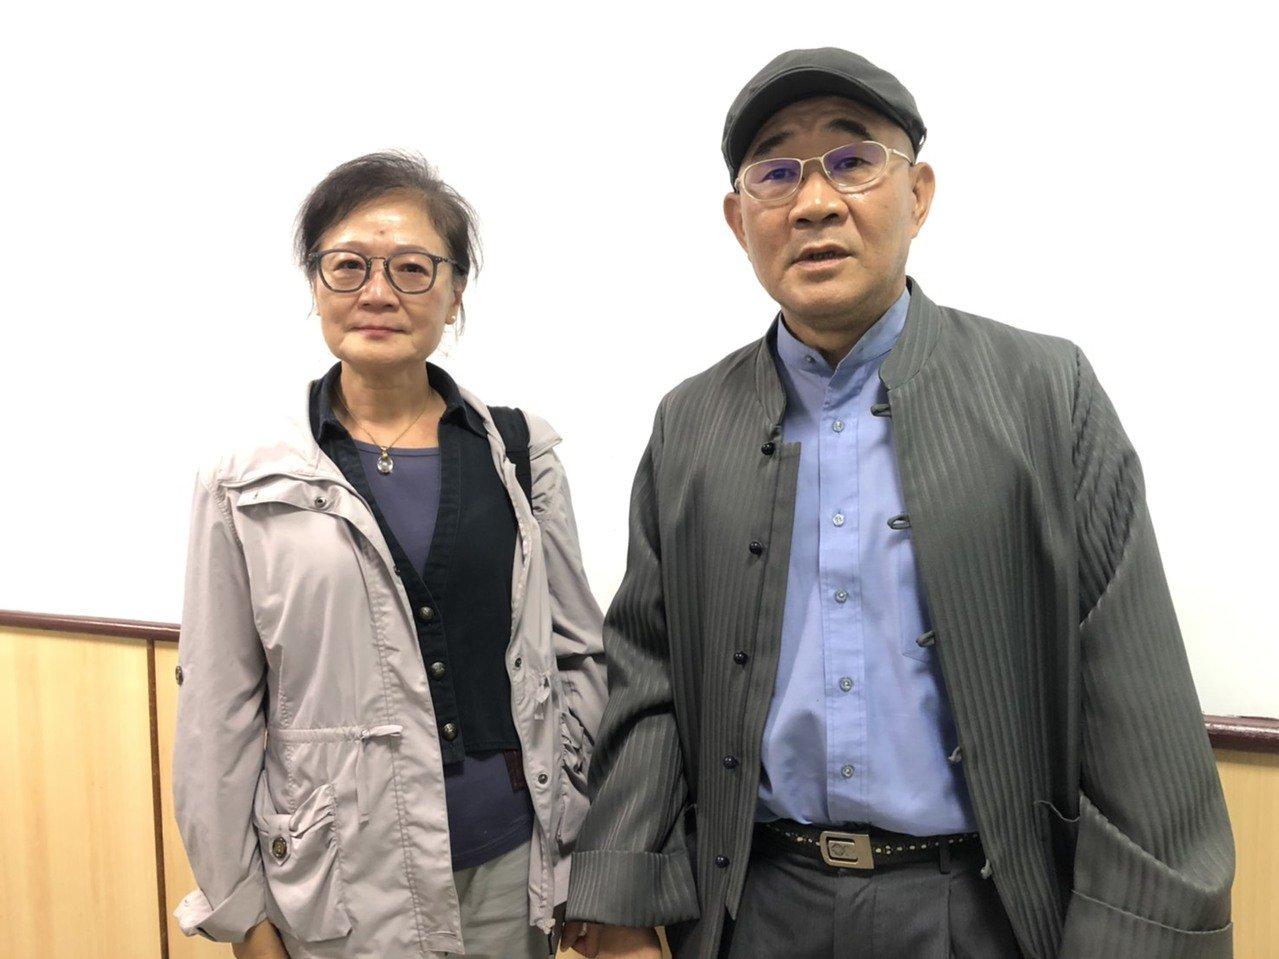 徐奎林(右)、陳瑞敏(左)昨到場聆聽宣判,因官司纏訟6連,得知獲判無罪喜極而泣。...